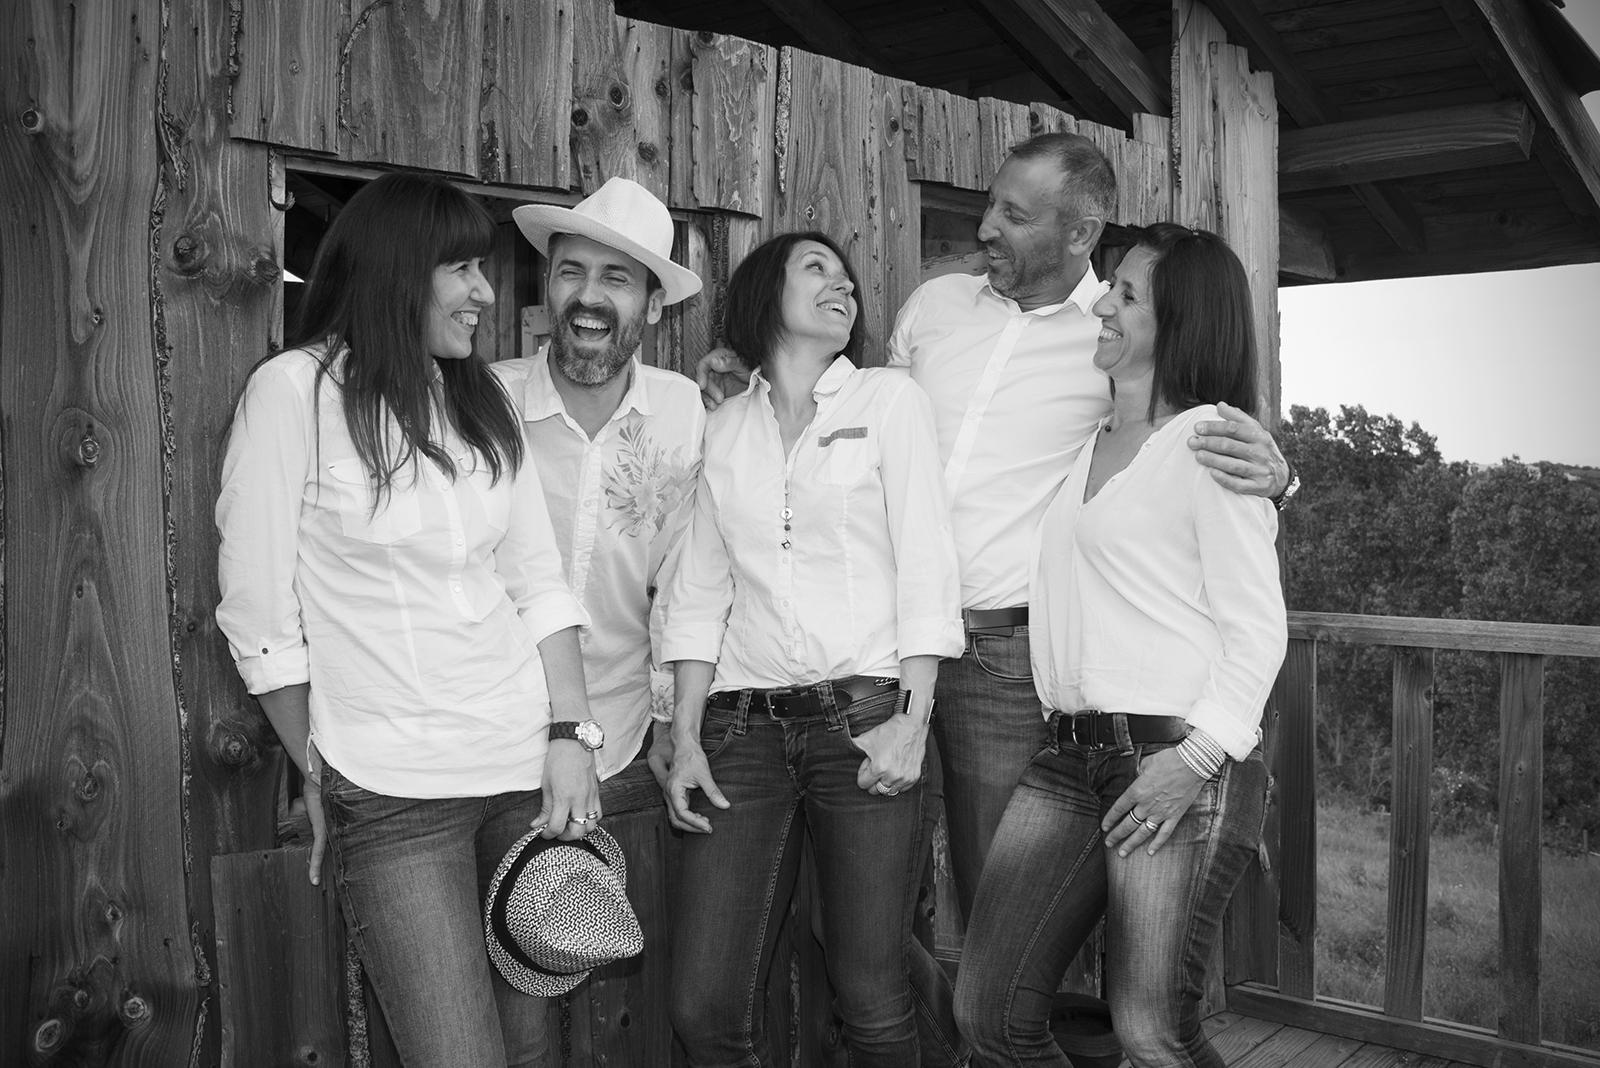 famille heureuse en noir et blanc esprit cabane